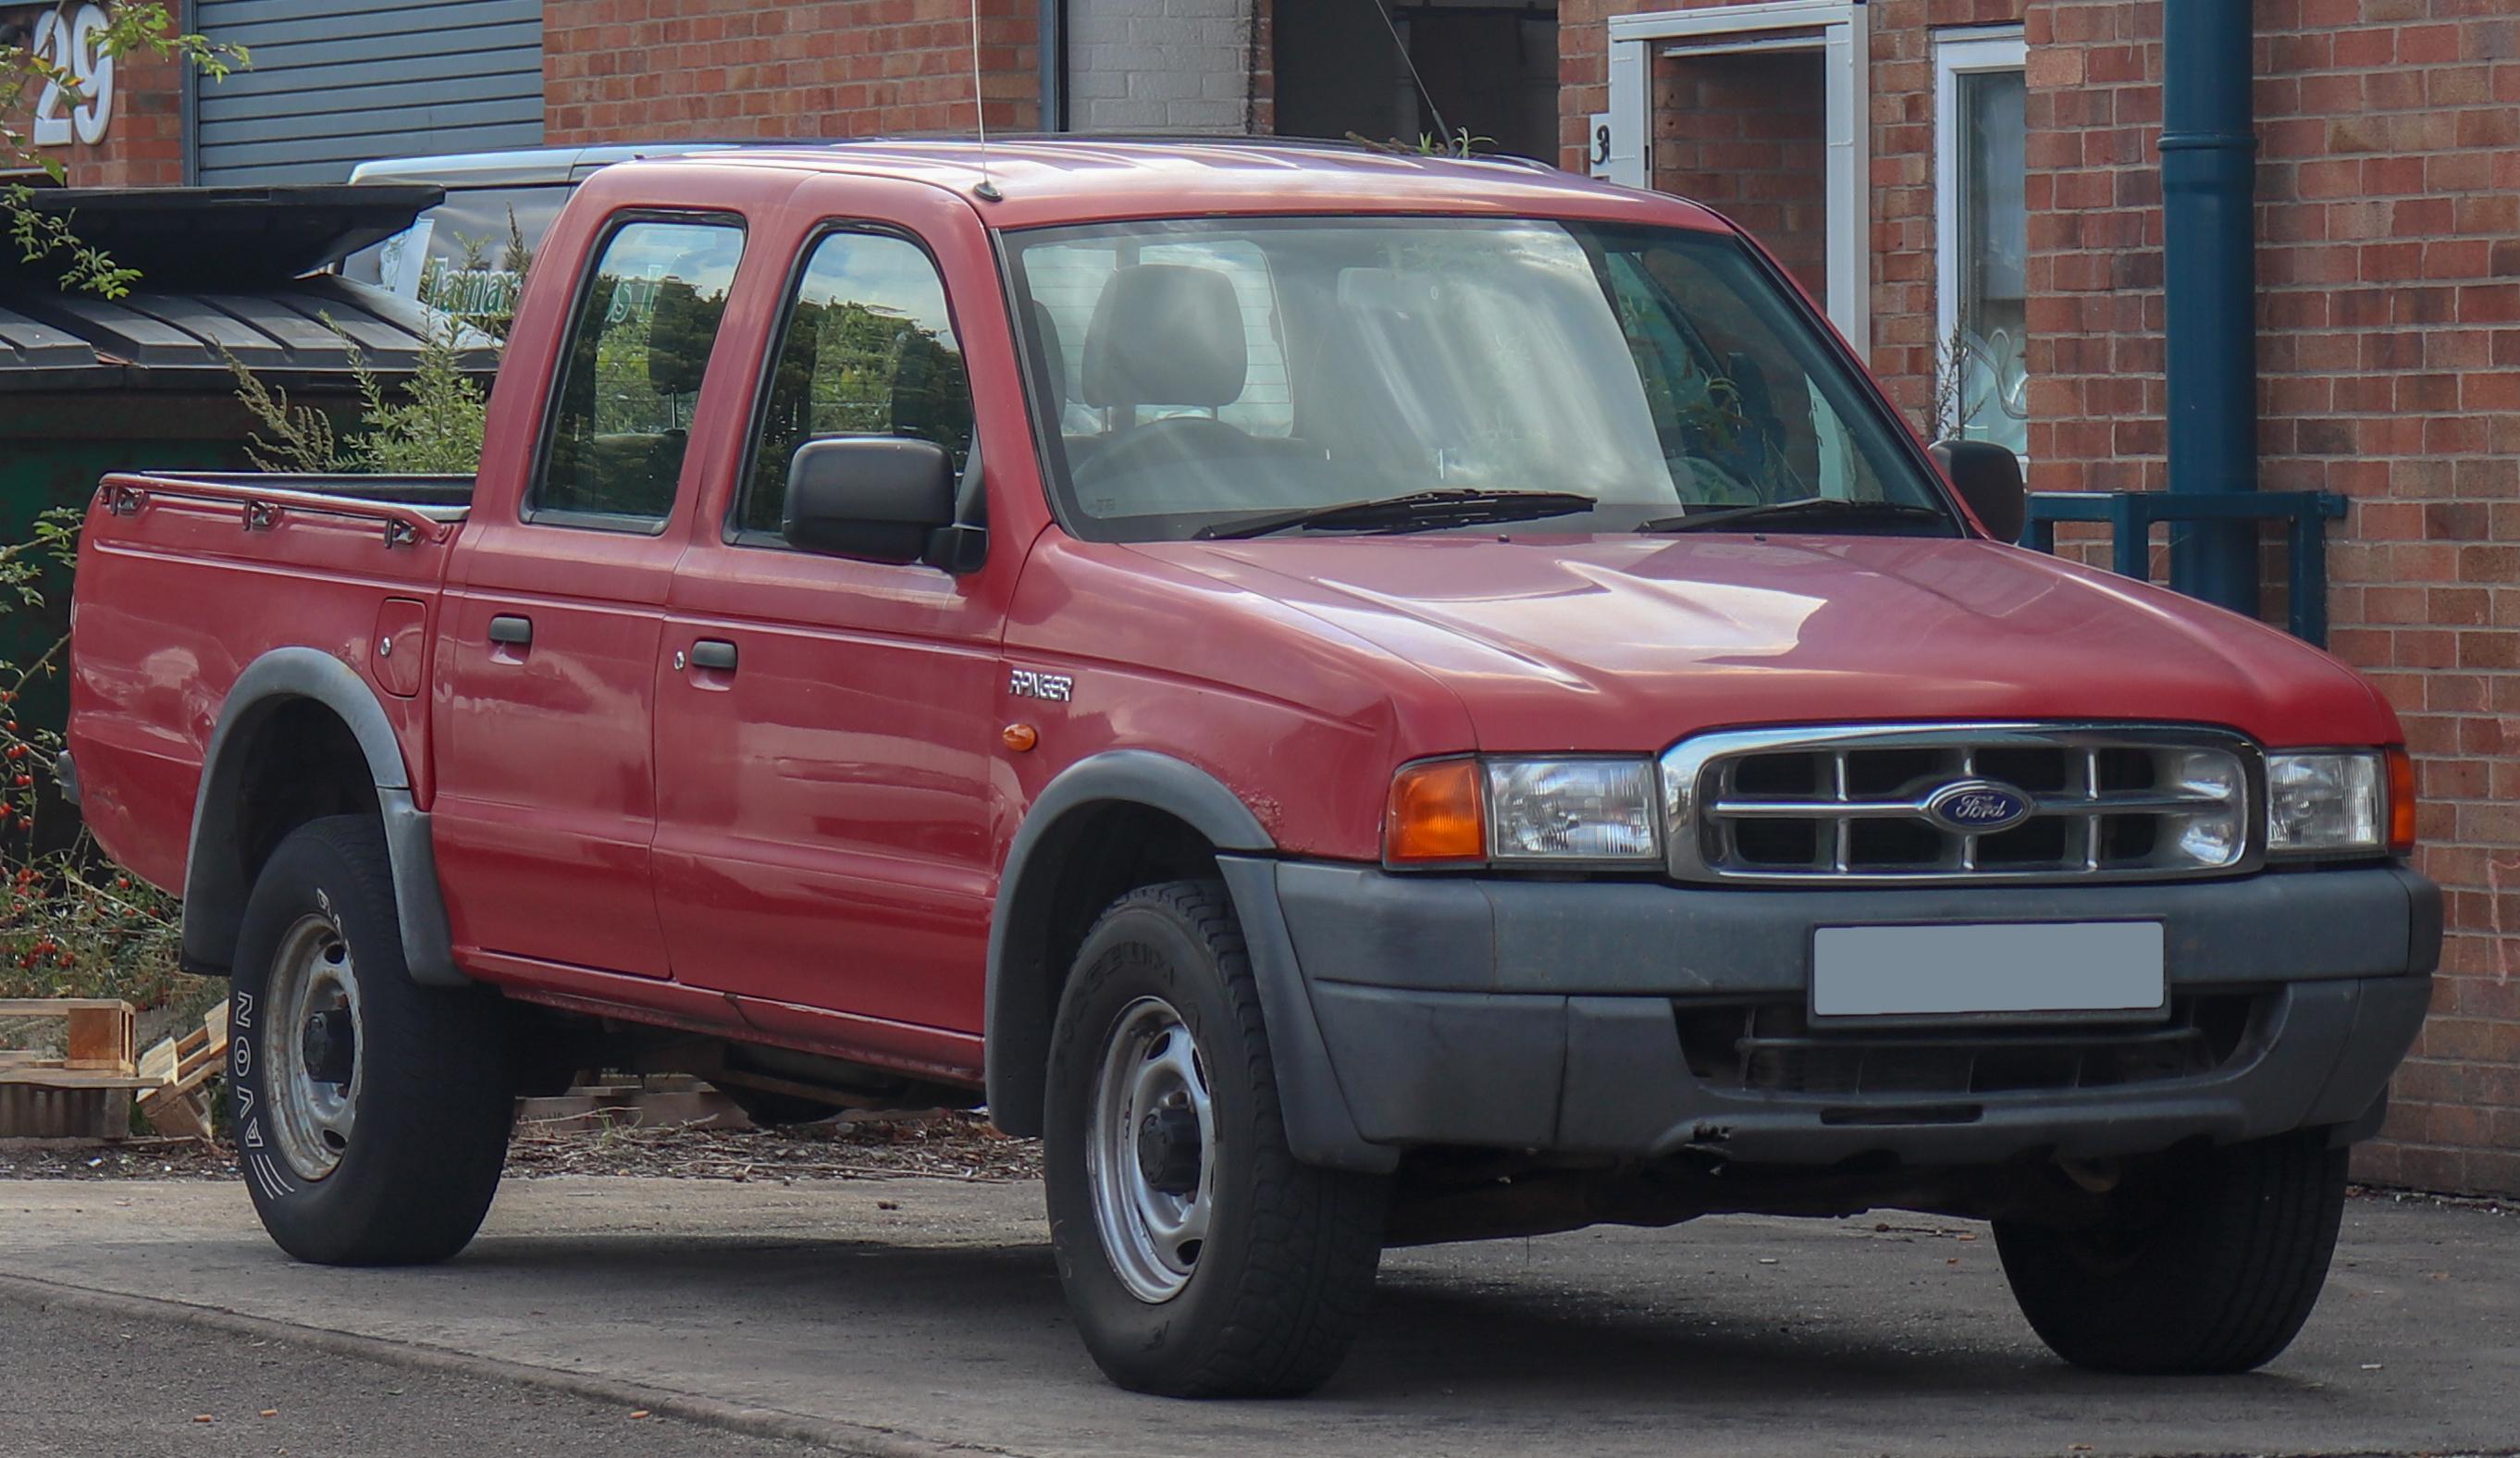 Ford Ranger Diesel >> Berkas 2001 Ford Ranger 4x4 Turbo Diesel 2 5 Jpg Wikipedia